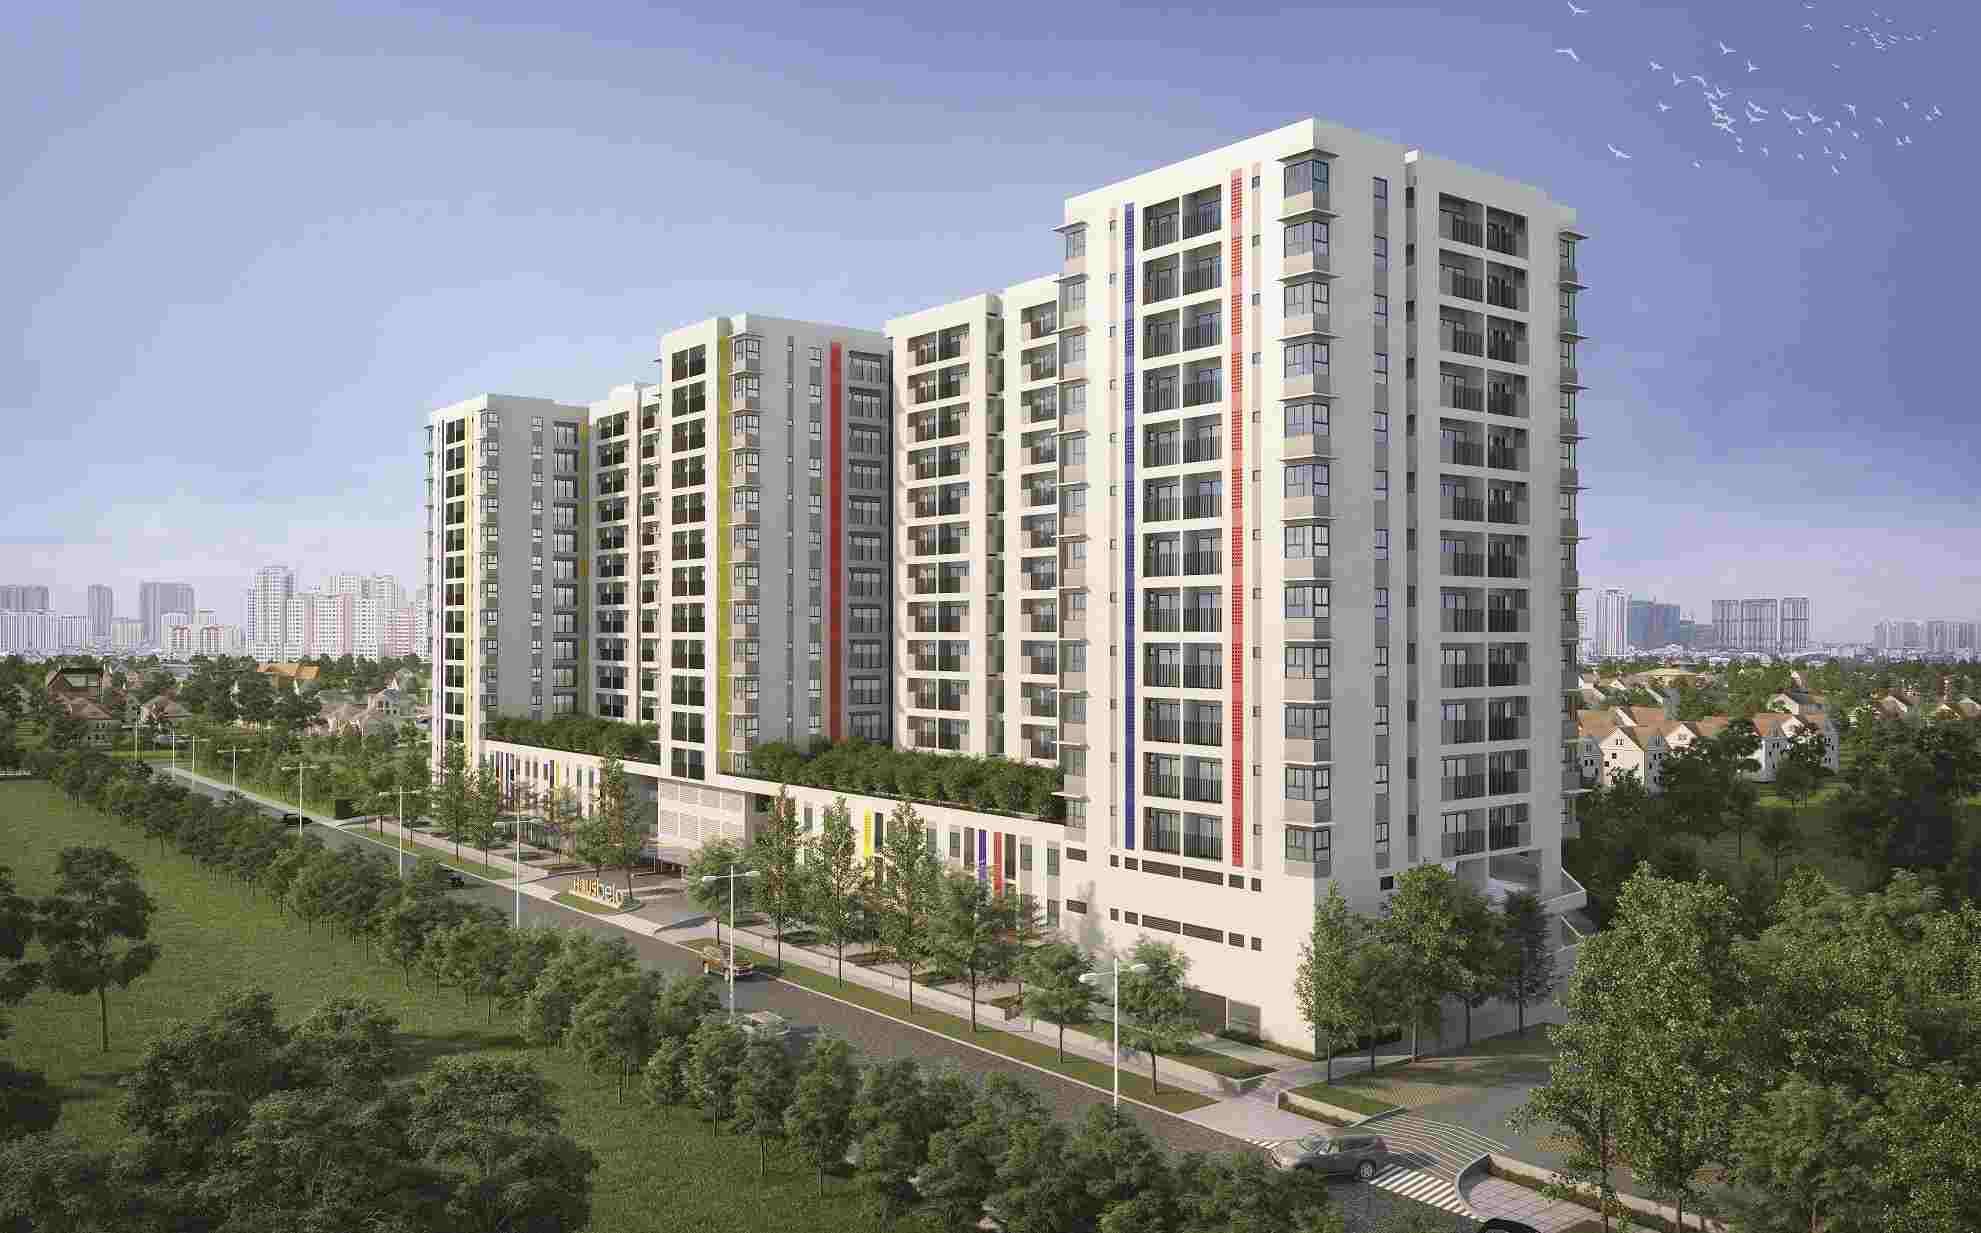 Hausnima Lò Lu Quận 9 - Tổng quan Dự án căn hộ chung cư Ez Land